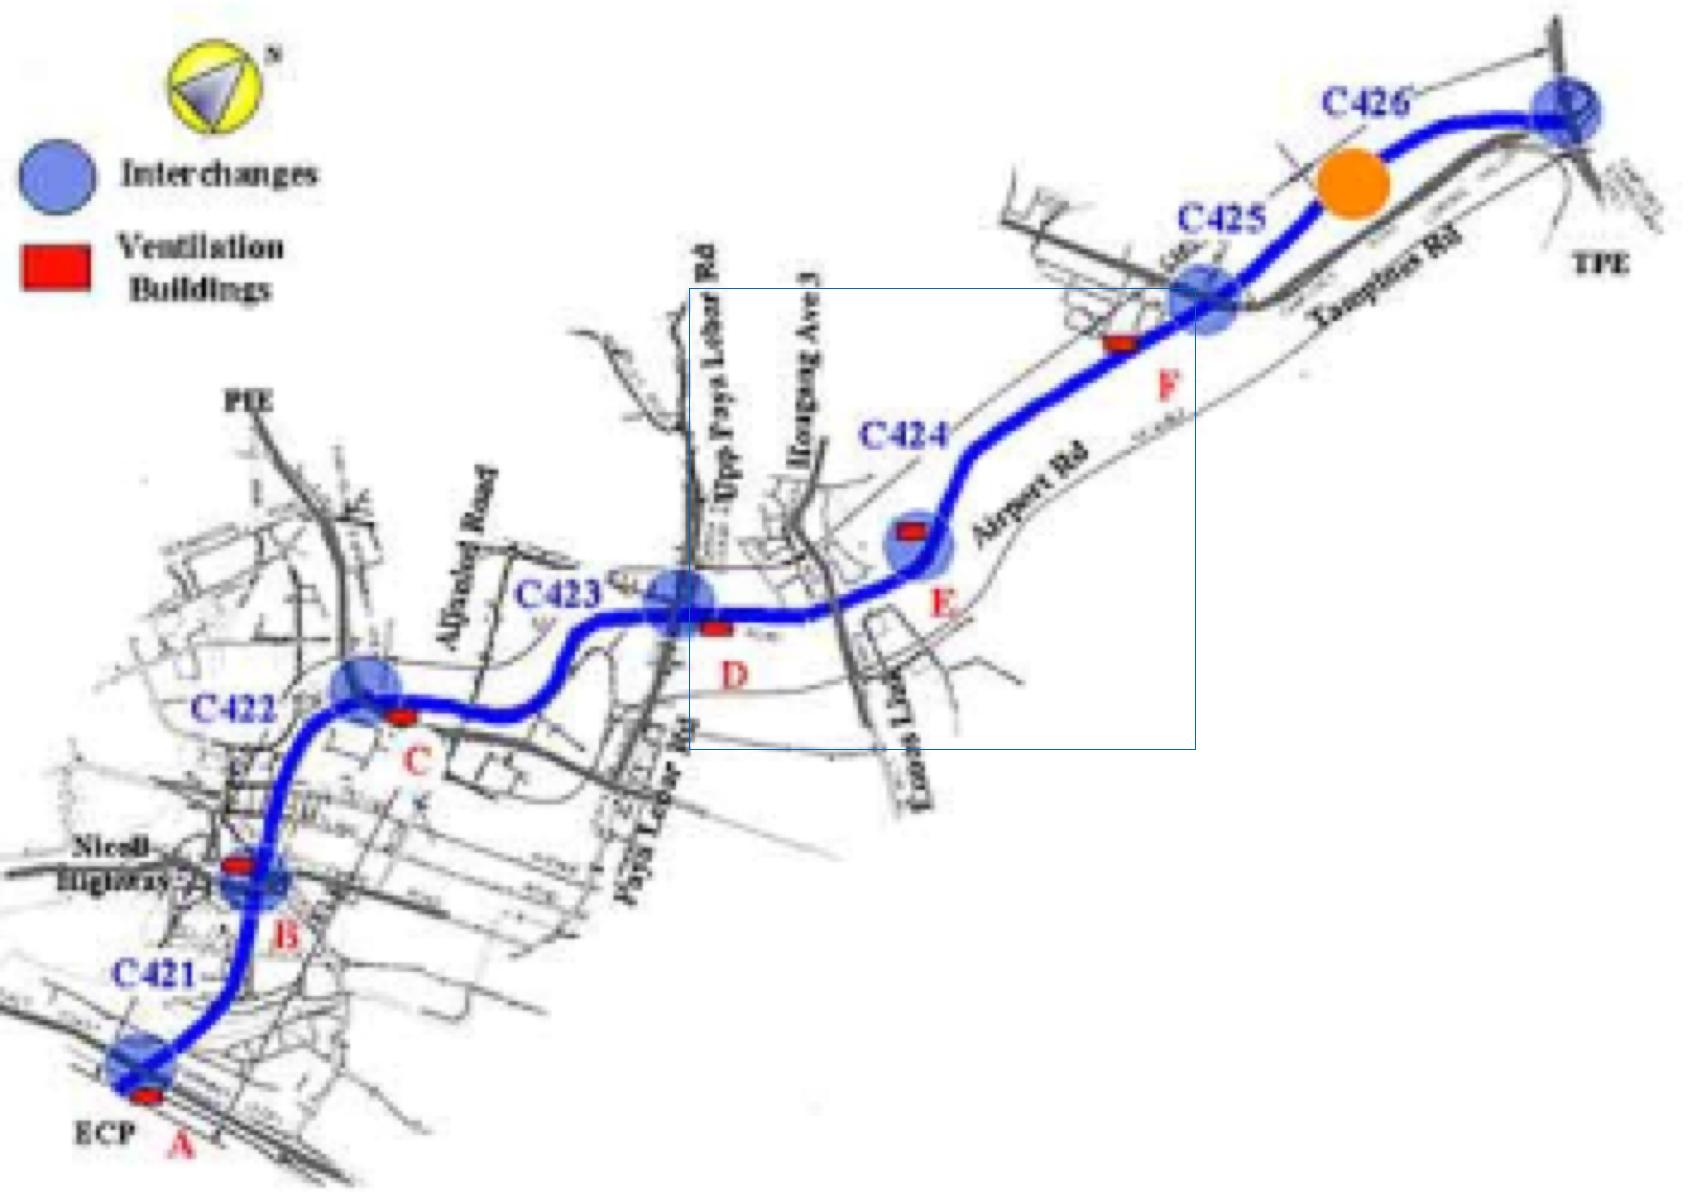 Kallang Paya Lebar Expressway, Singapore